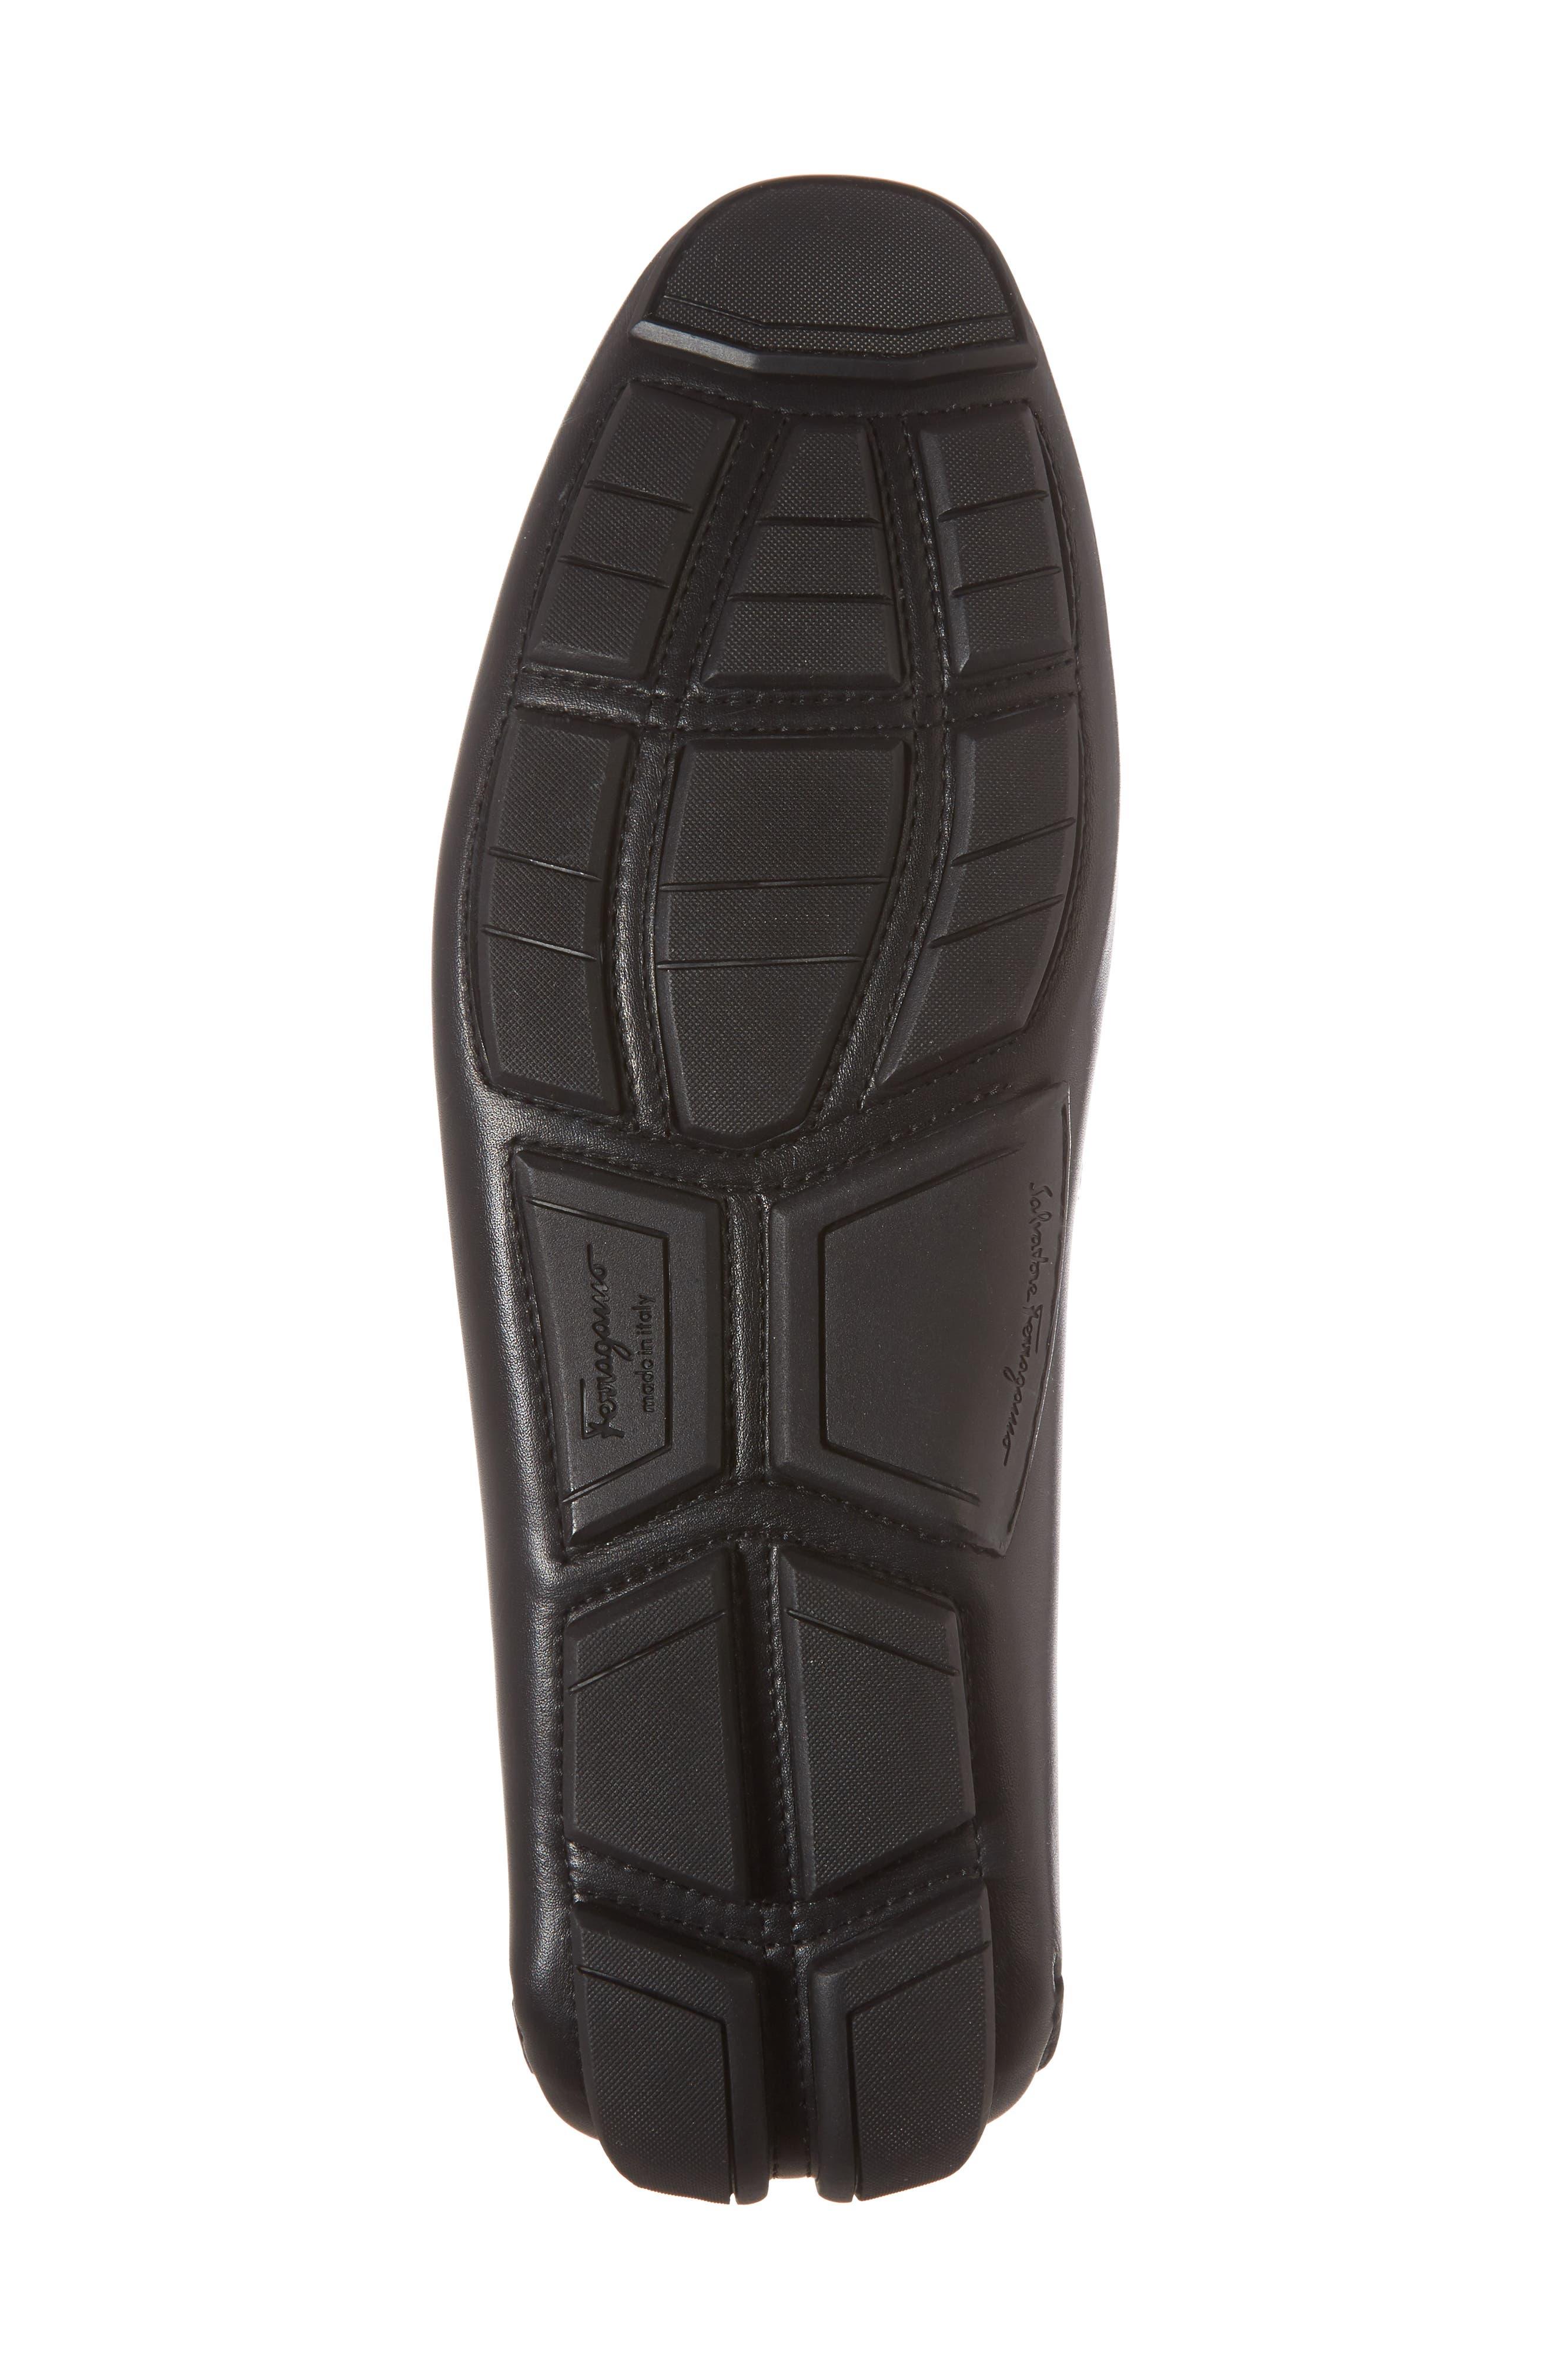 Sardegna Driving Shoe,                             Alternate thumbnail 6, color,                             BLACK LEATHER